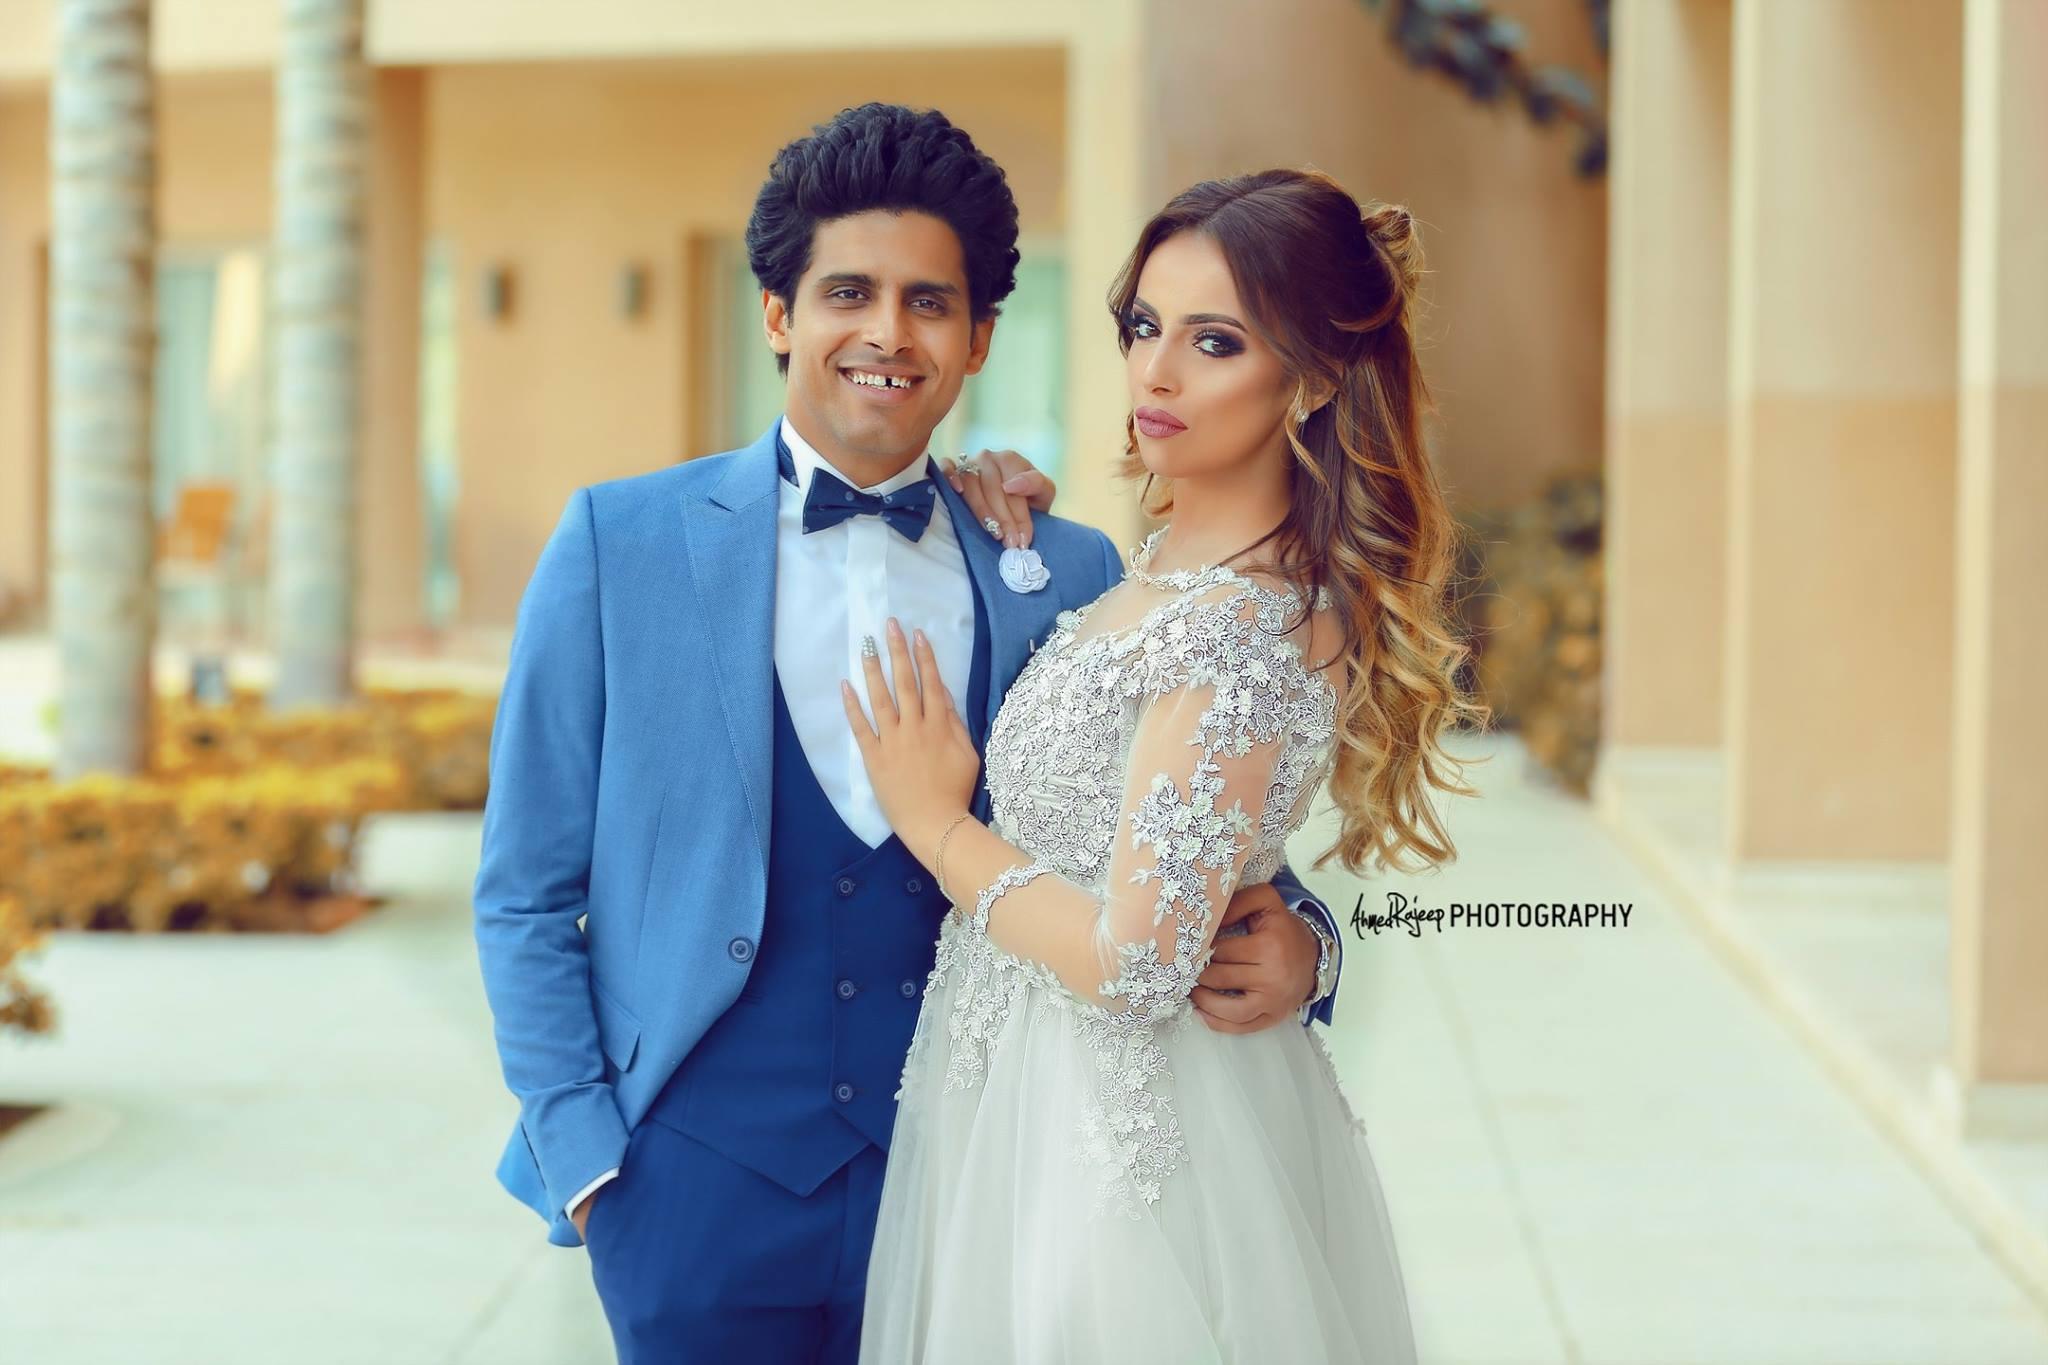 جلسة تصوير حفل زفاف حمدى الميرغنى واسراء عبد الفتاح (22)